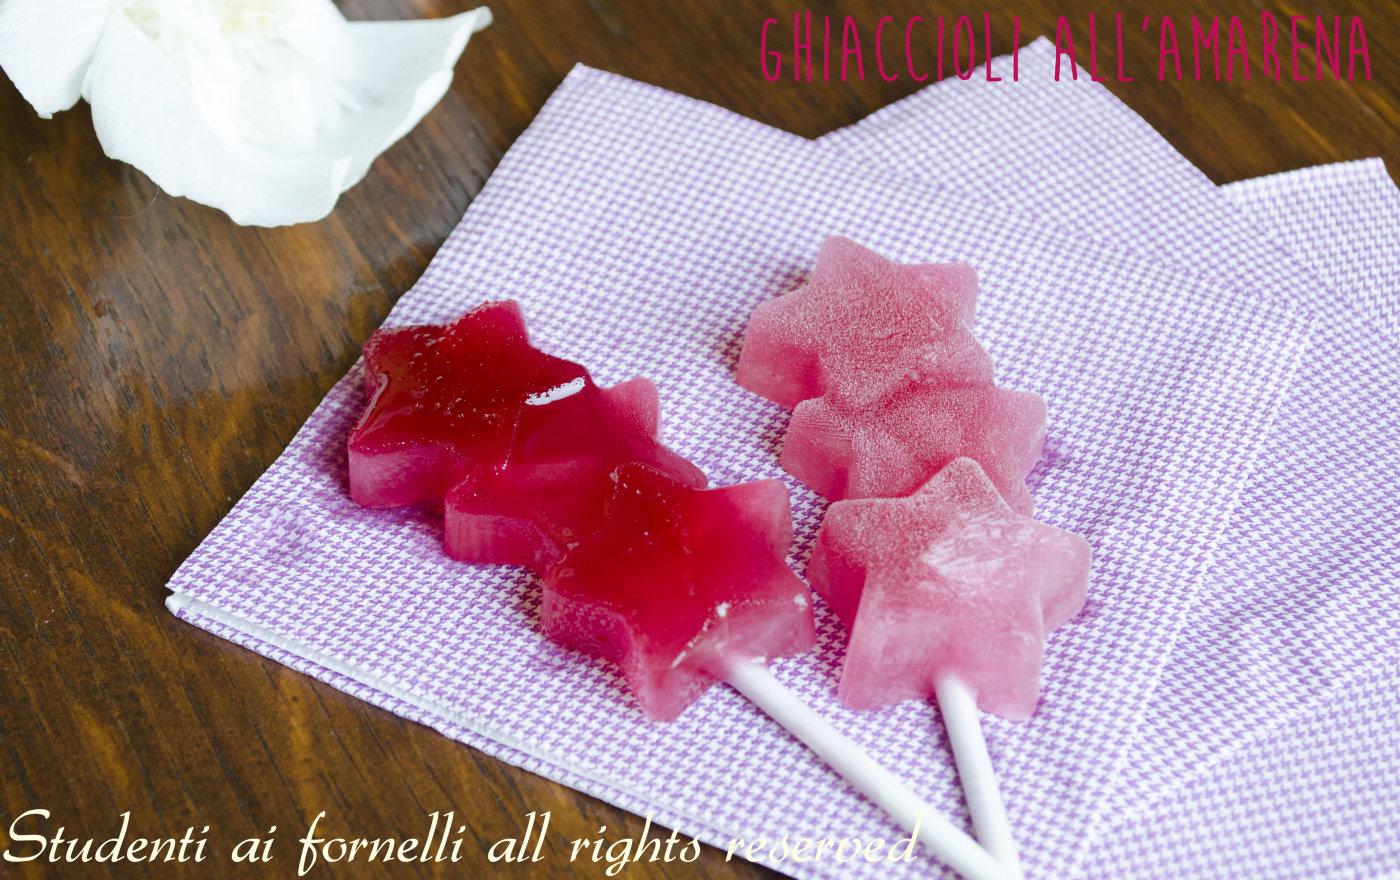 ghiaccioli all' amarena fatti in casa veloci ricetta facile estiva